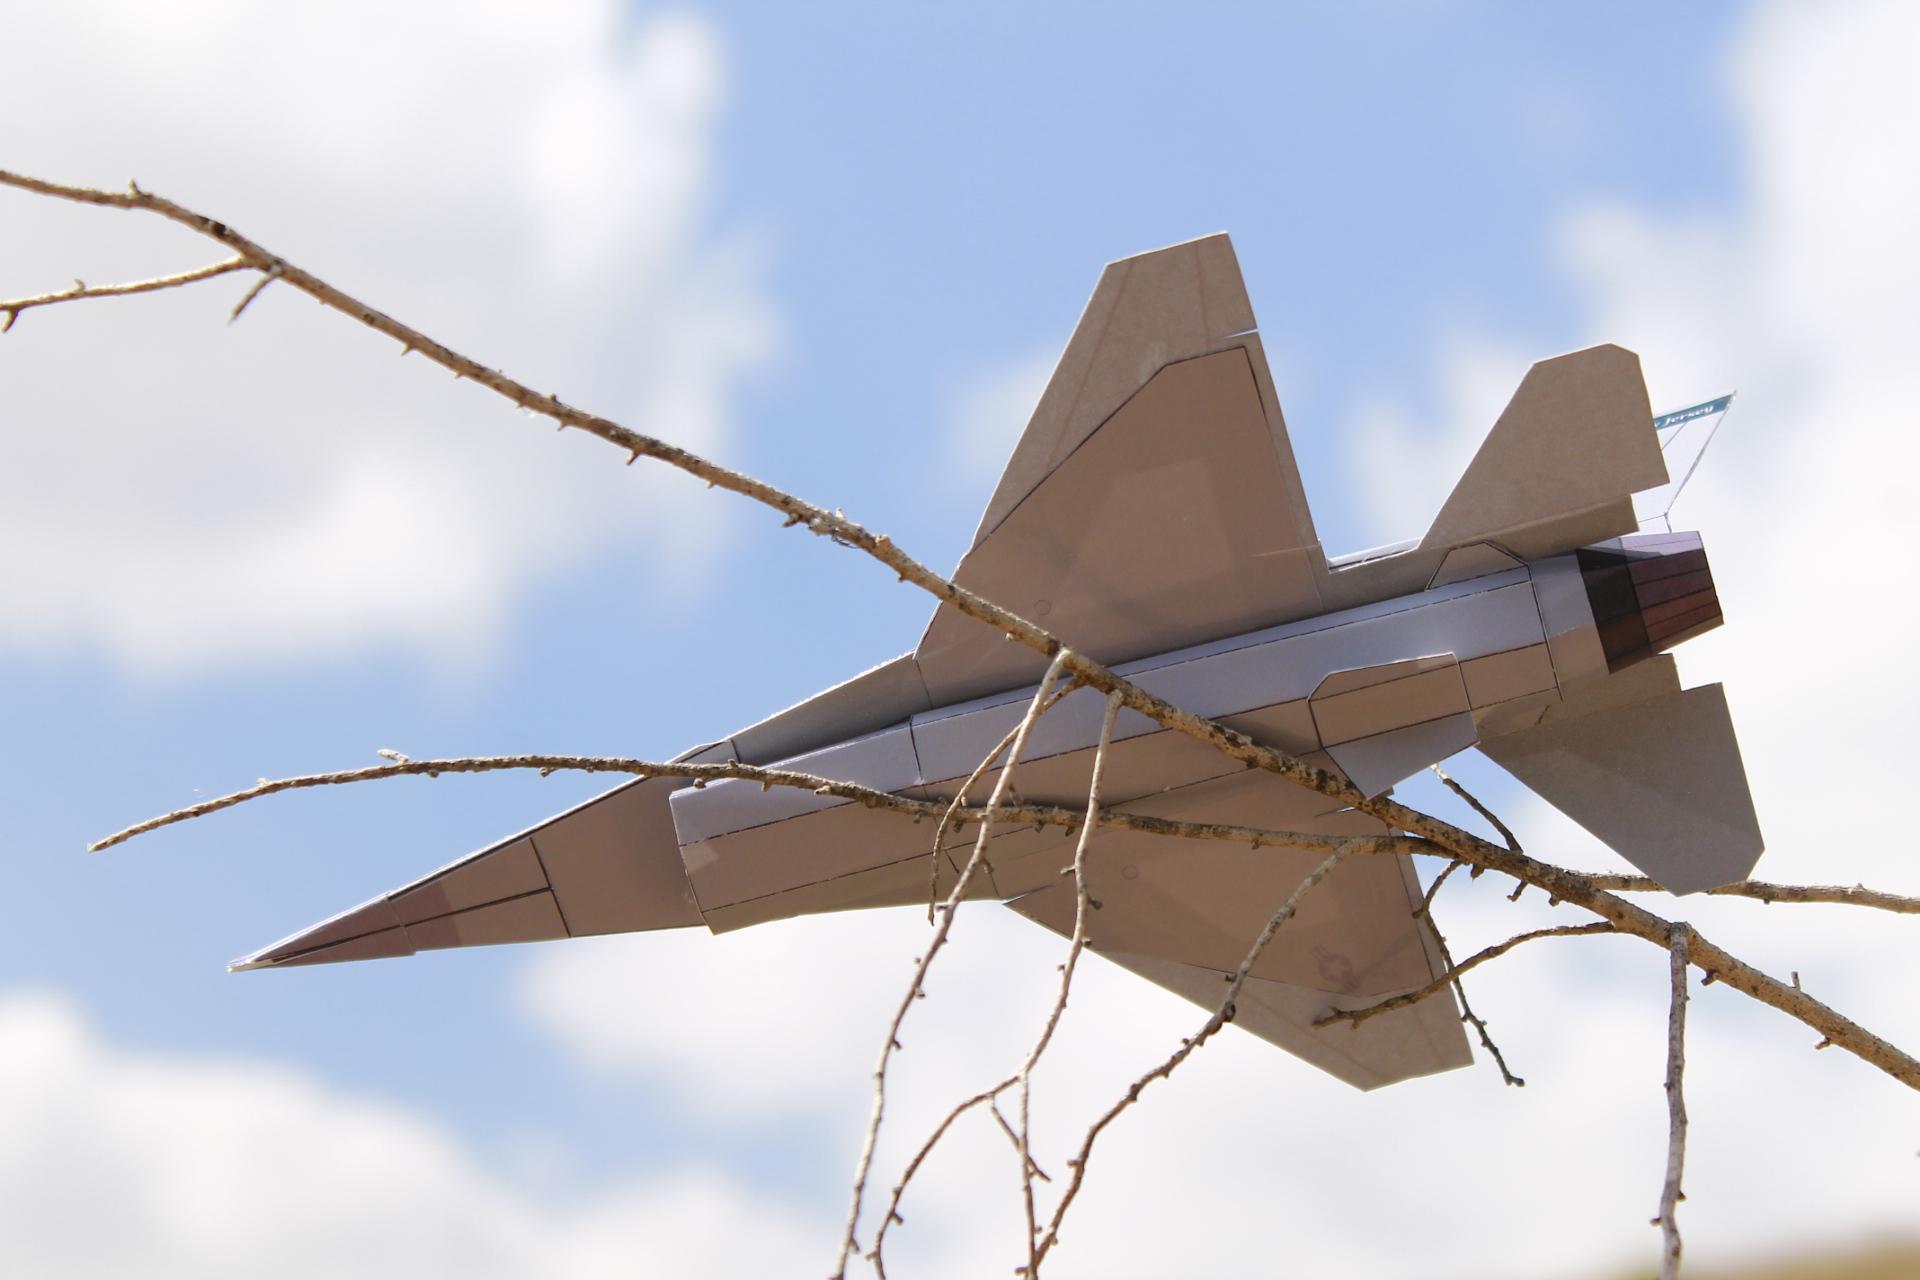 Paper F-16 Jersey Devils PaperAircrafts.com-3